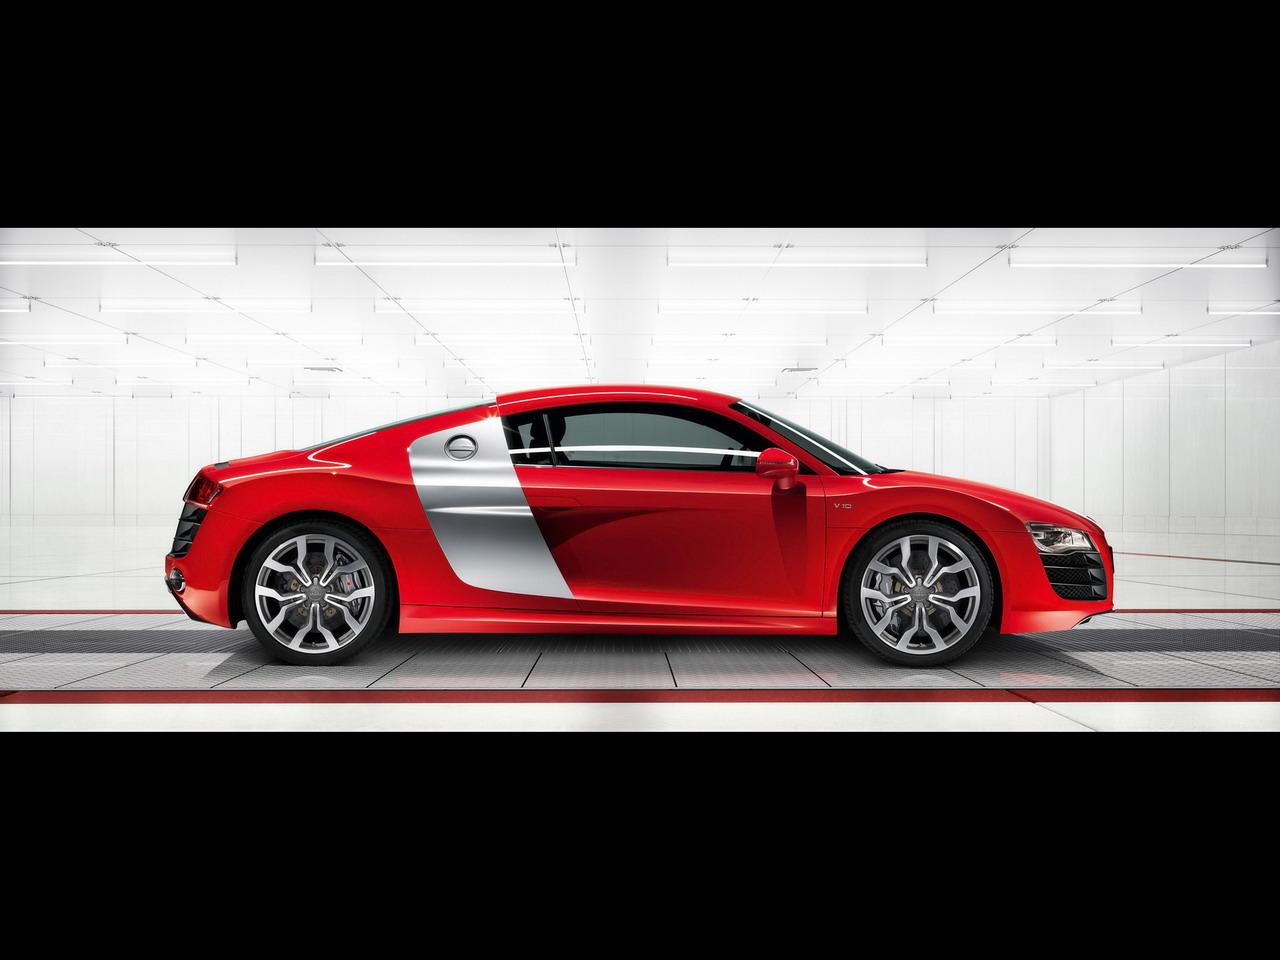 Audi R8 Cars: Audi R8 Wallpaper